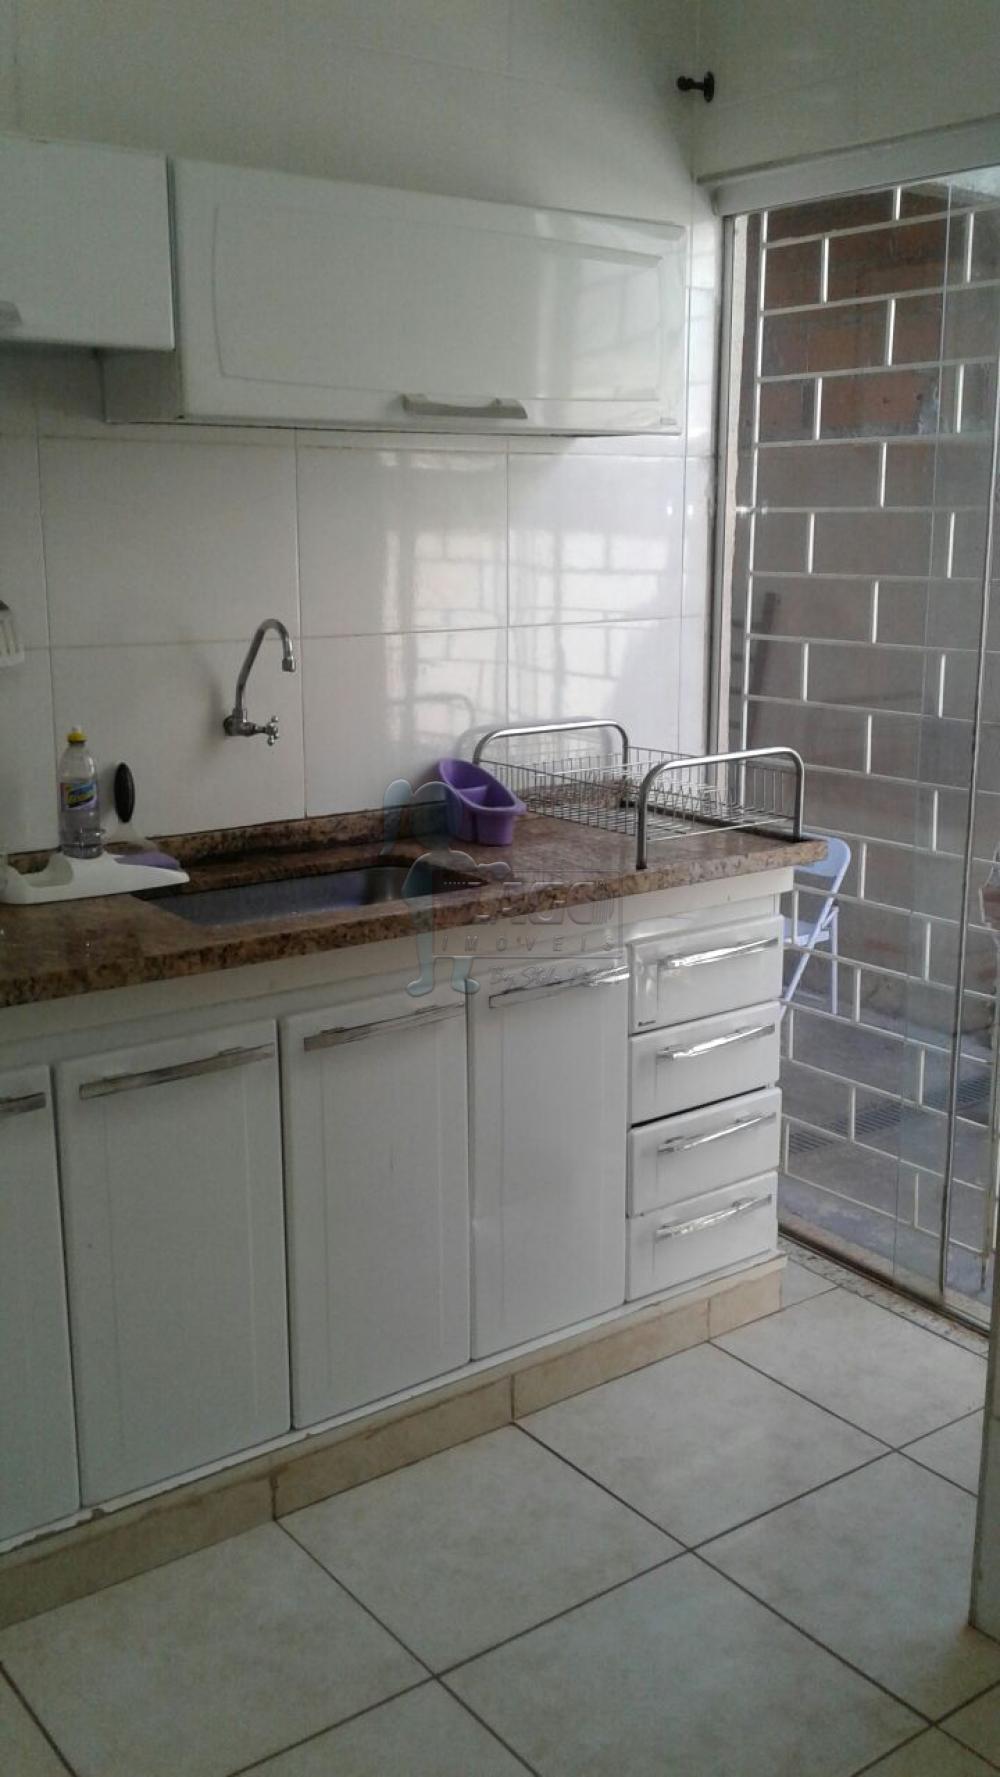 Alugar Casas / Padrão em Ribeirão Preto apenas R$ 800,00 - Foto 23